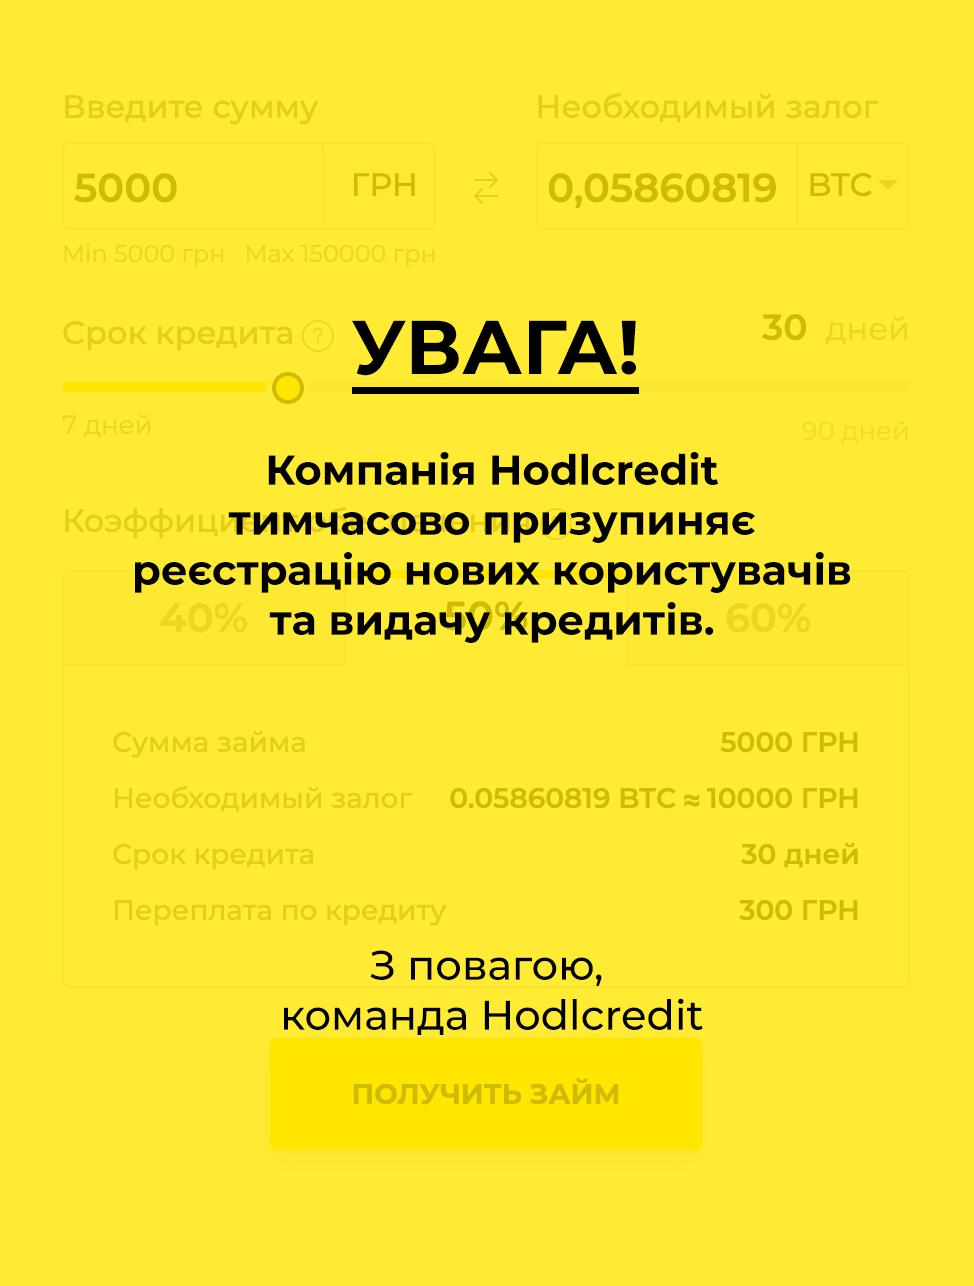 Внимание! Компанія Hodlcredit тимчасово призупиняєреєстрацію нових користувачівта видачу кредитів.